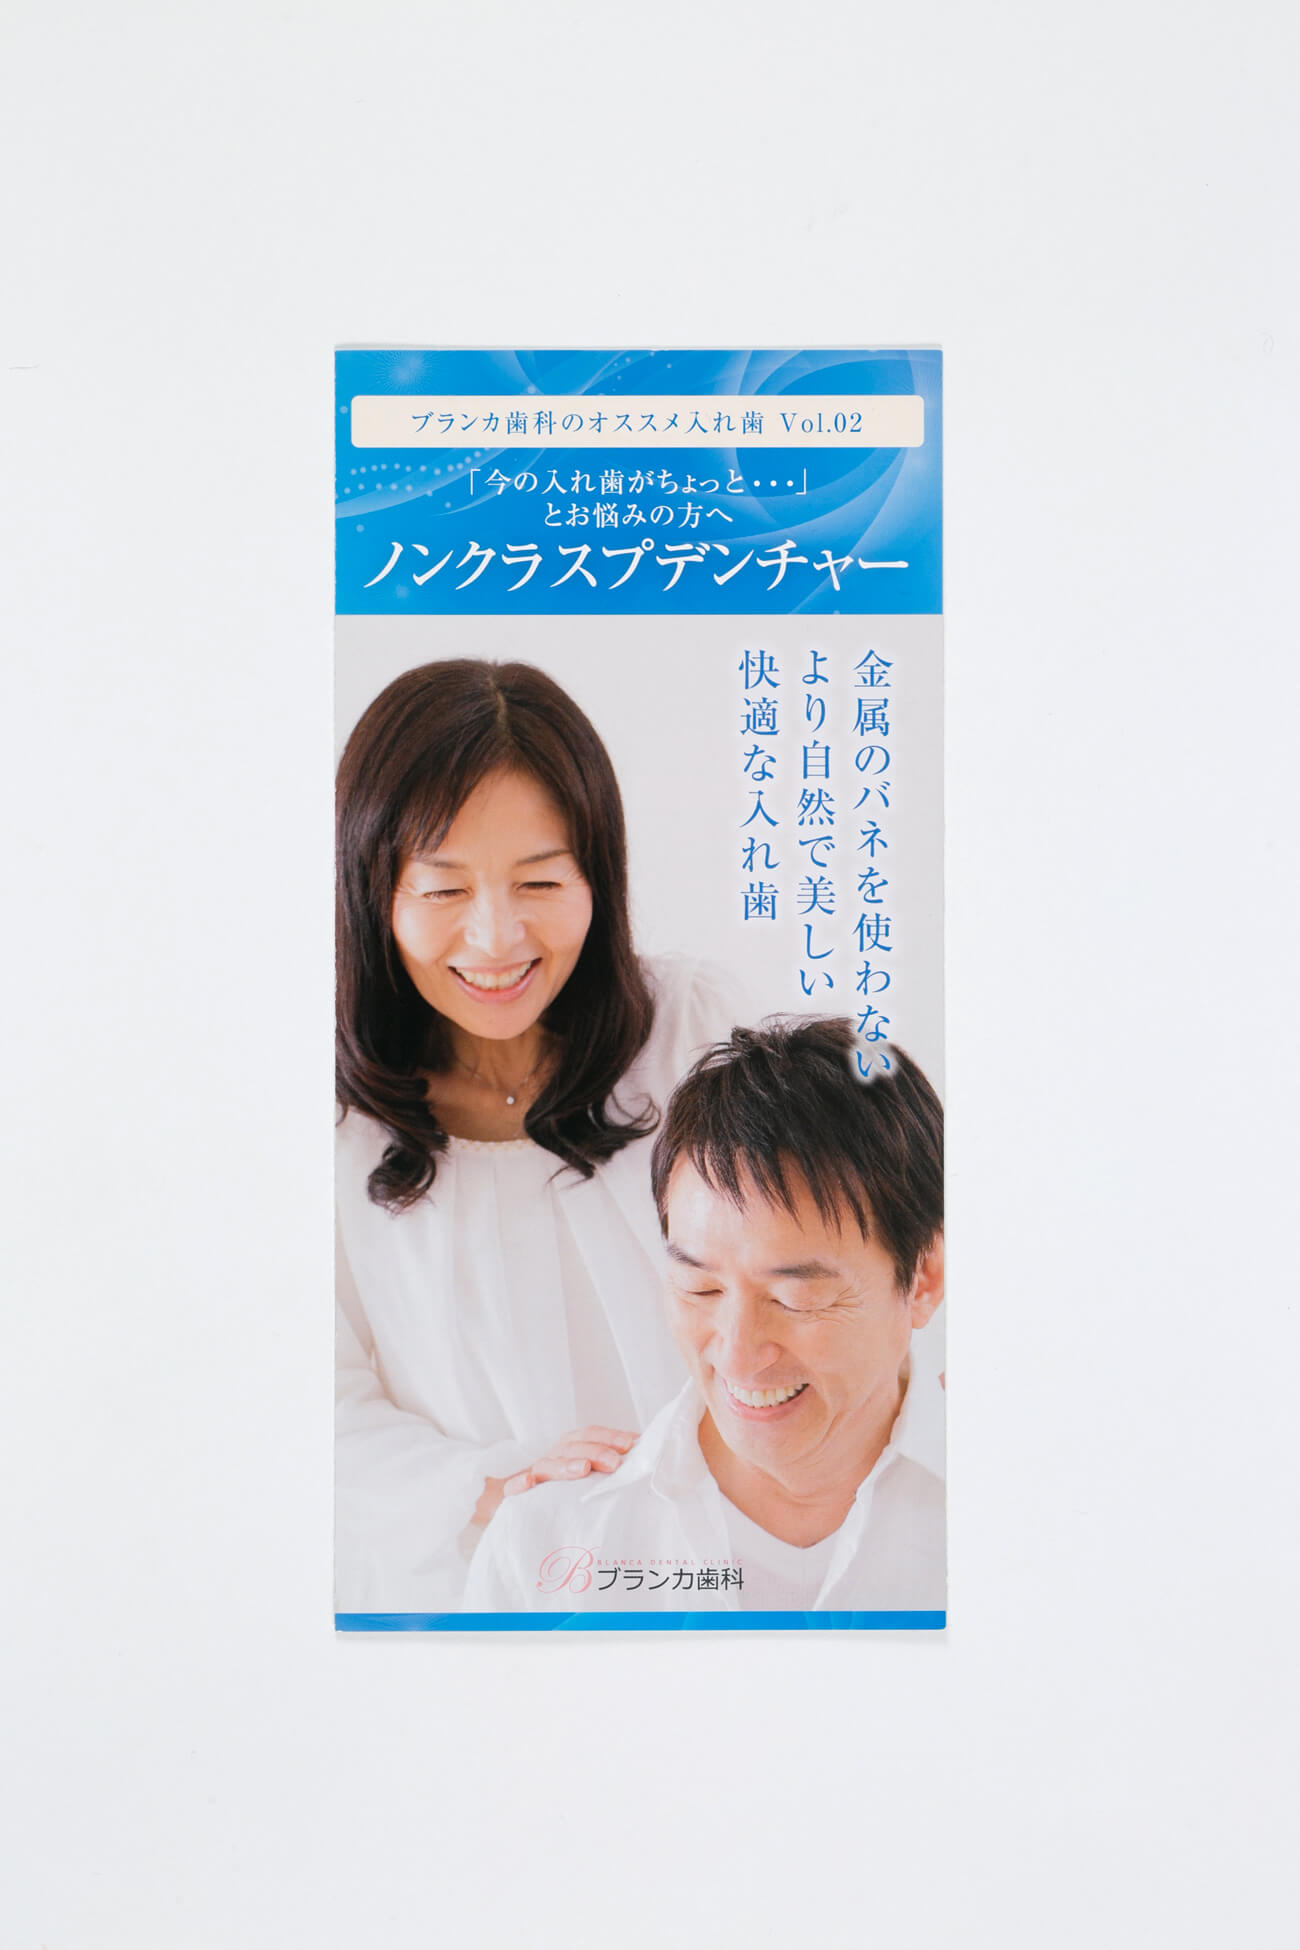 奈良市 ブランカ歯科様 リーフレット制作1